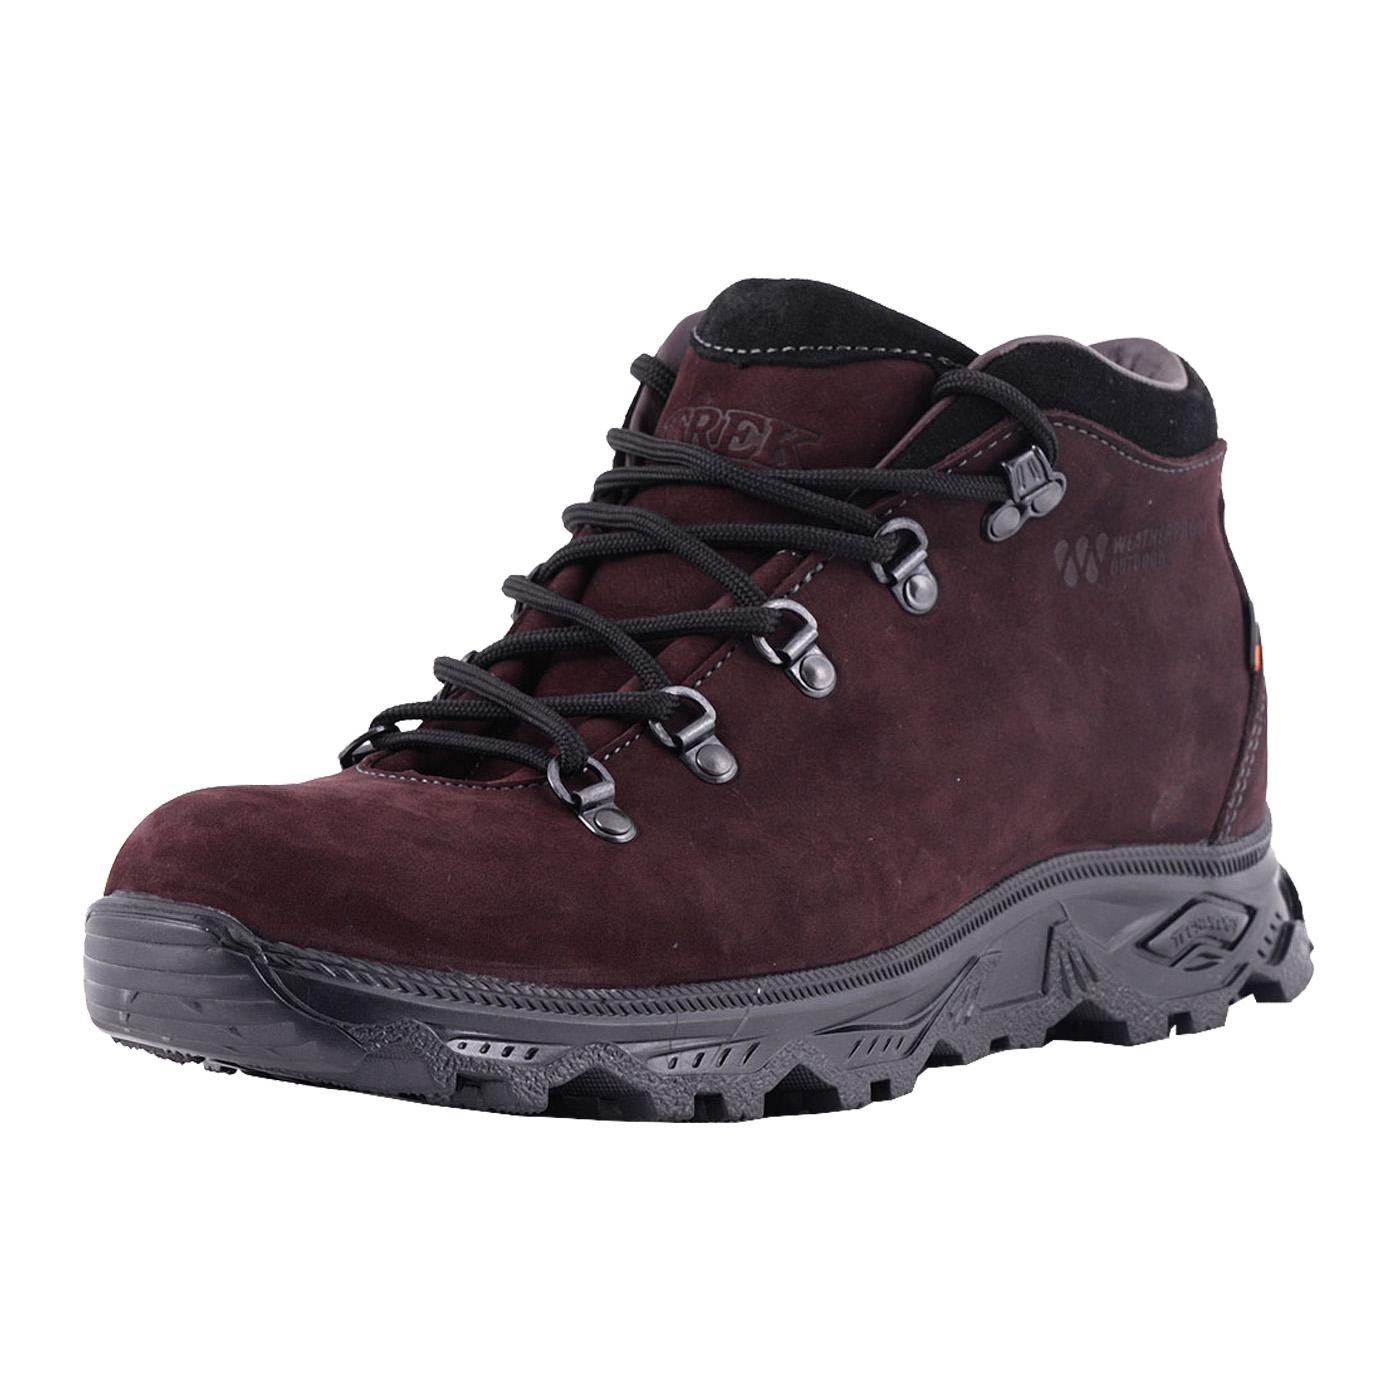 Купить Ботинки мужские TREK Andes3 (шерст.мех), Обувная фабрика Trek